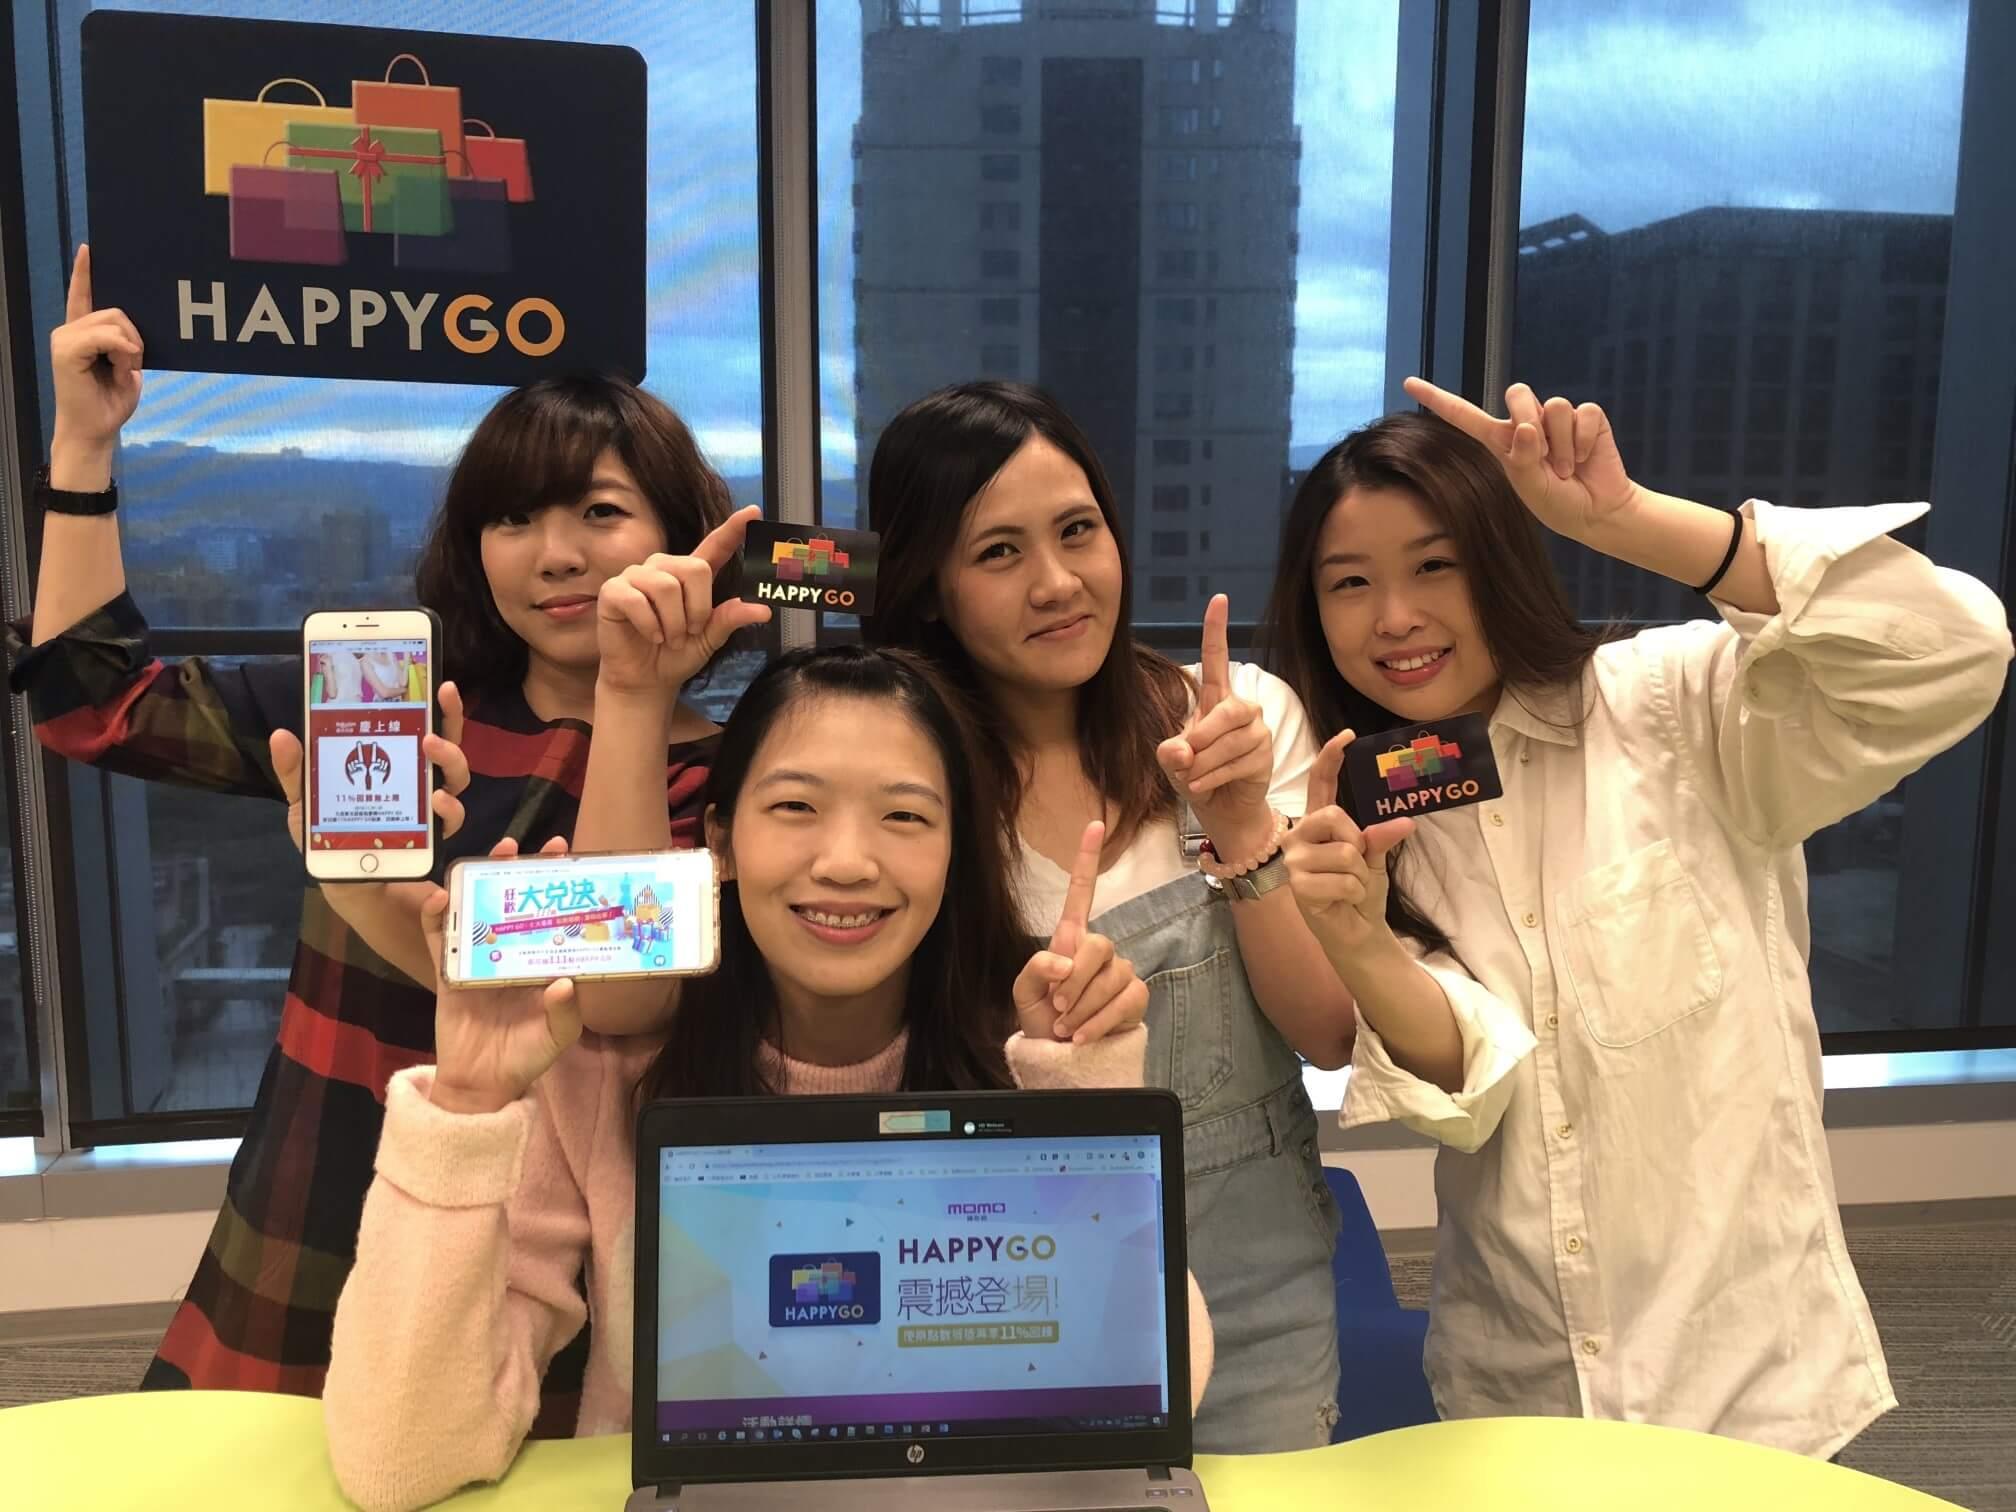 HAPPY GO首度搶攻雙11、集結7大電商 最高享11%點數回饋